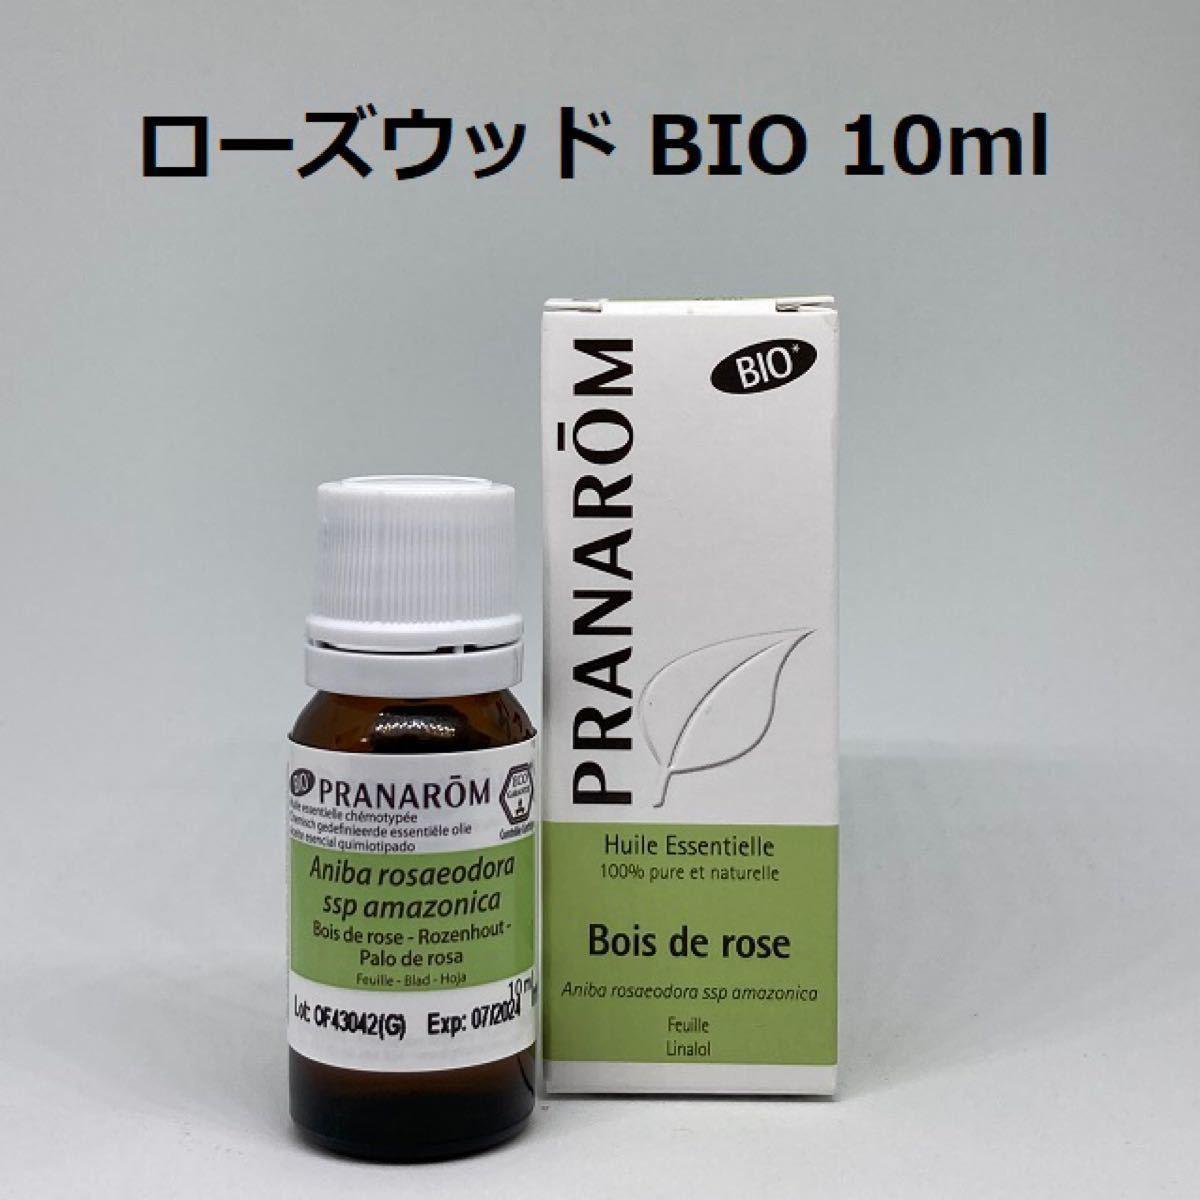 プラナロム ローズウッド BIO 10ml 精油 PRANAROM